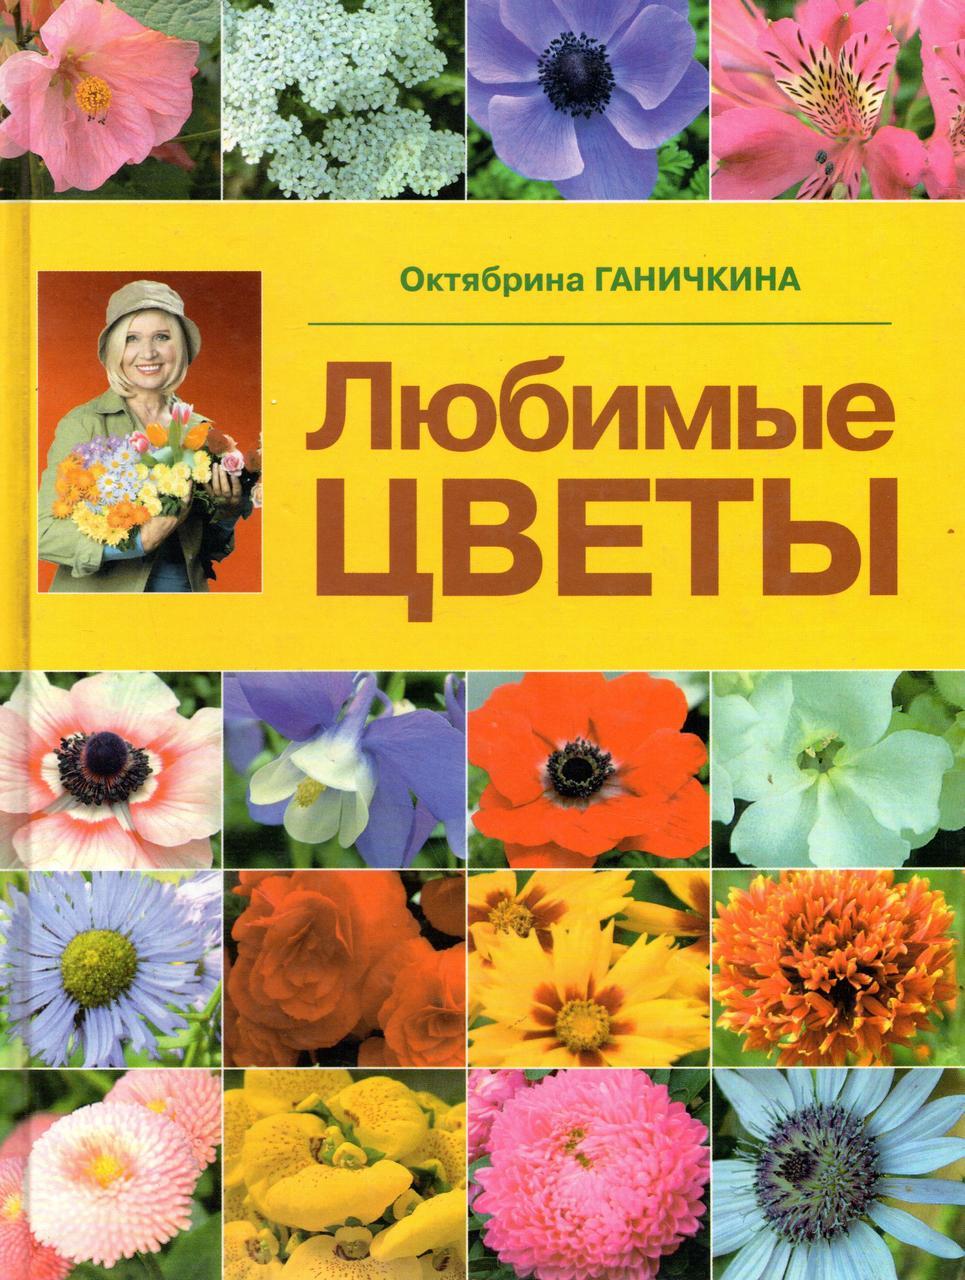 Любимые цветы. Октябрина Ганичкина